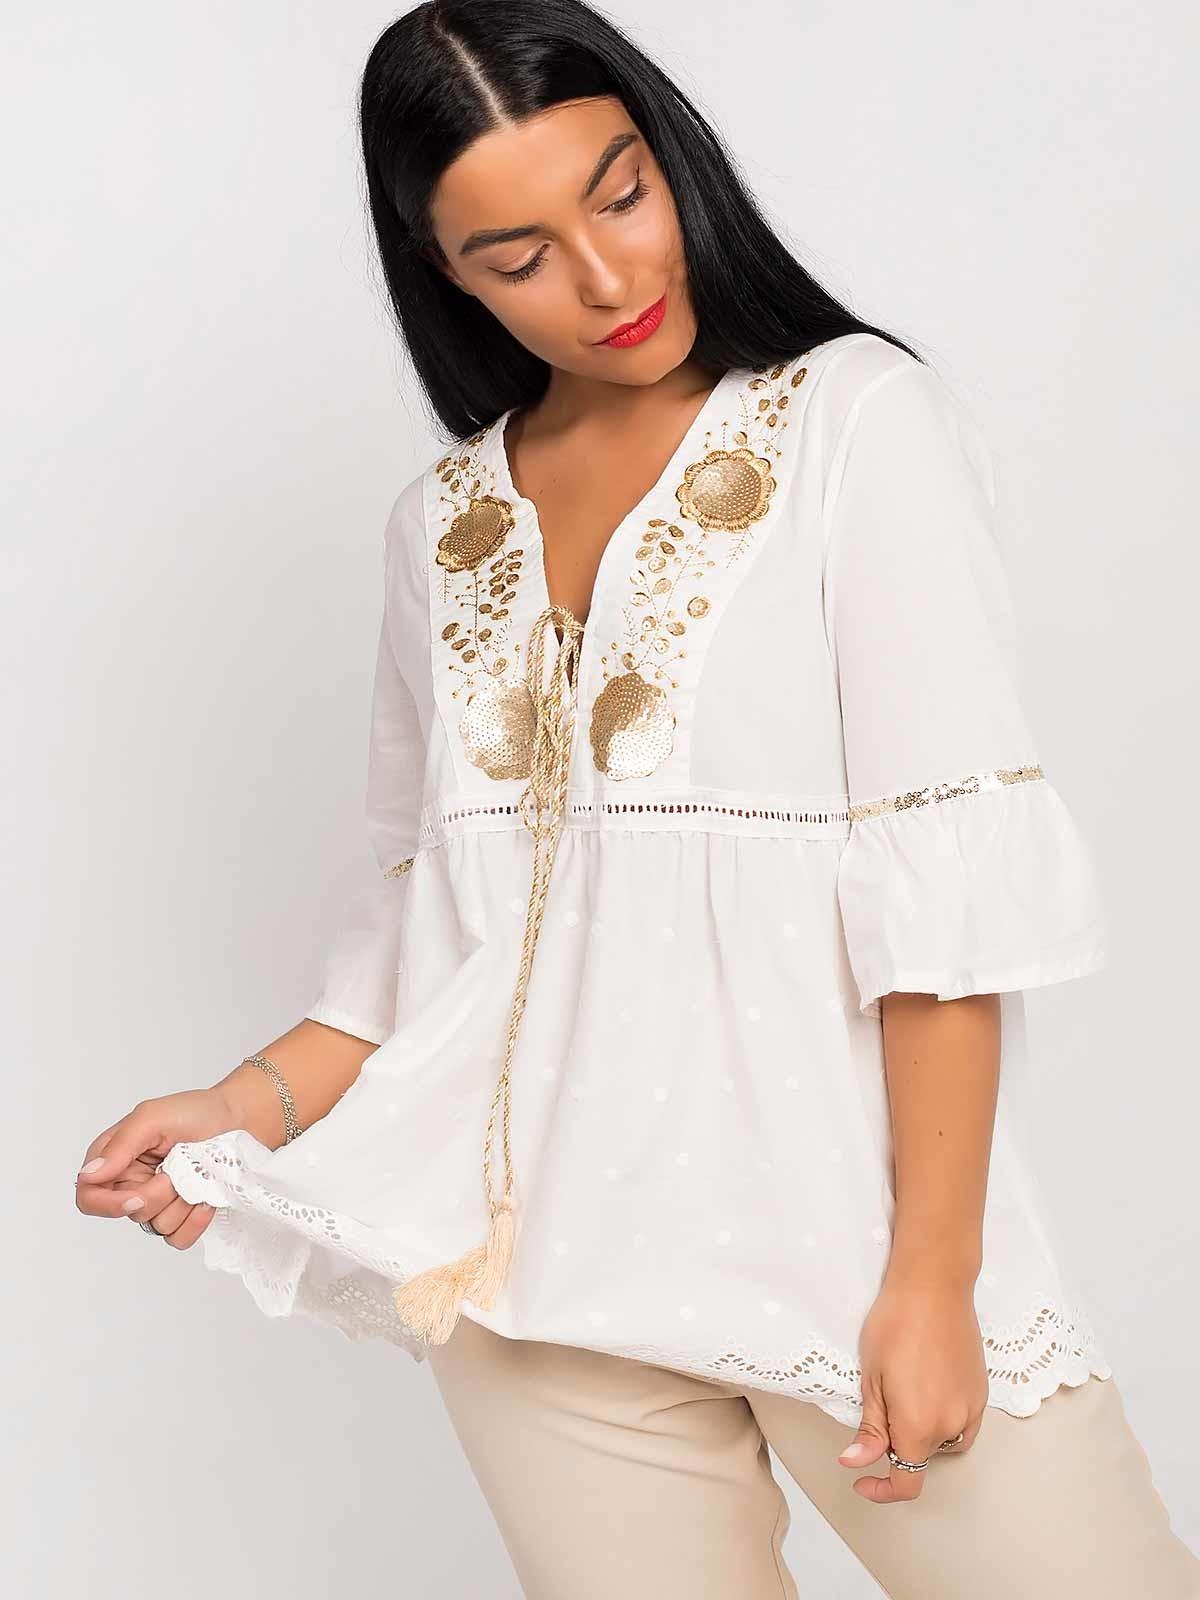 Blusa branca lantejoulas douradas